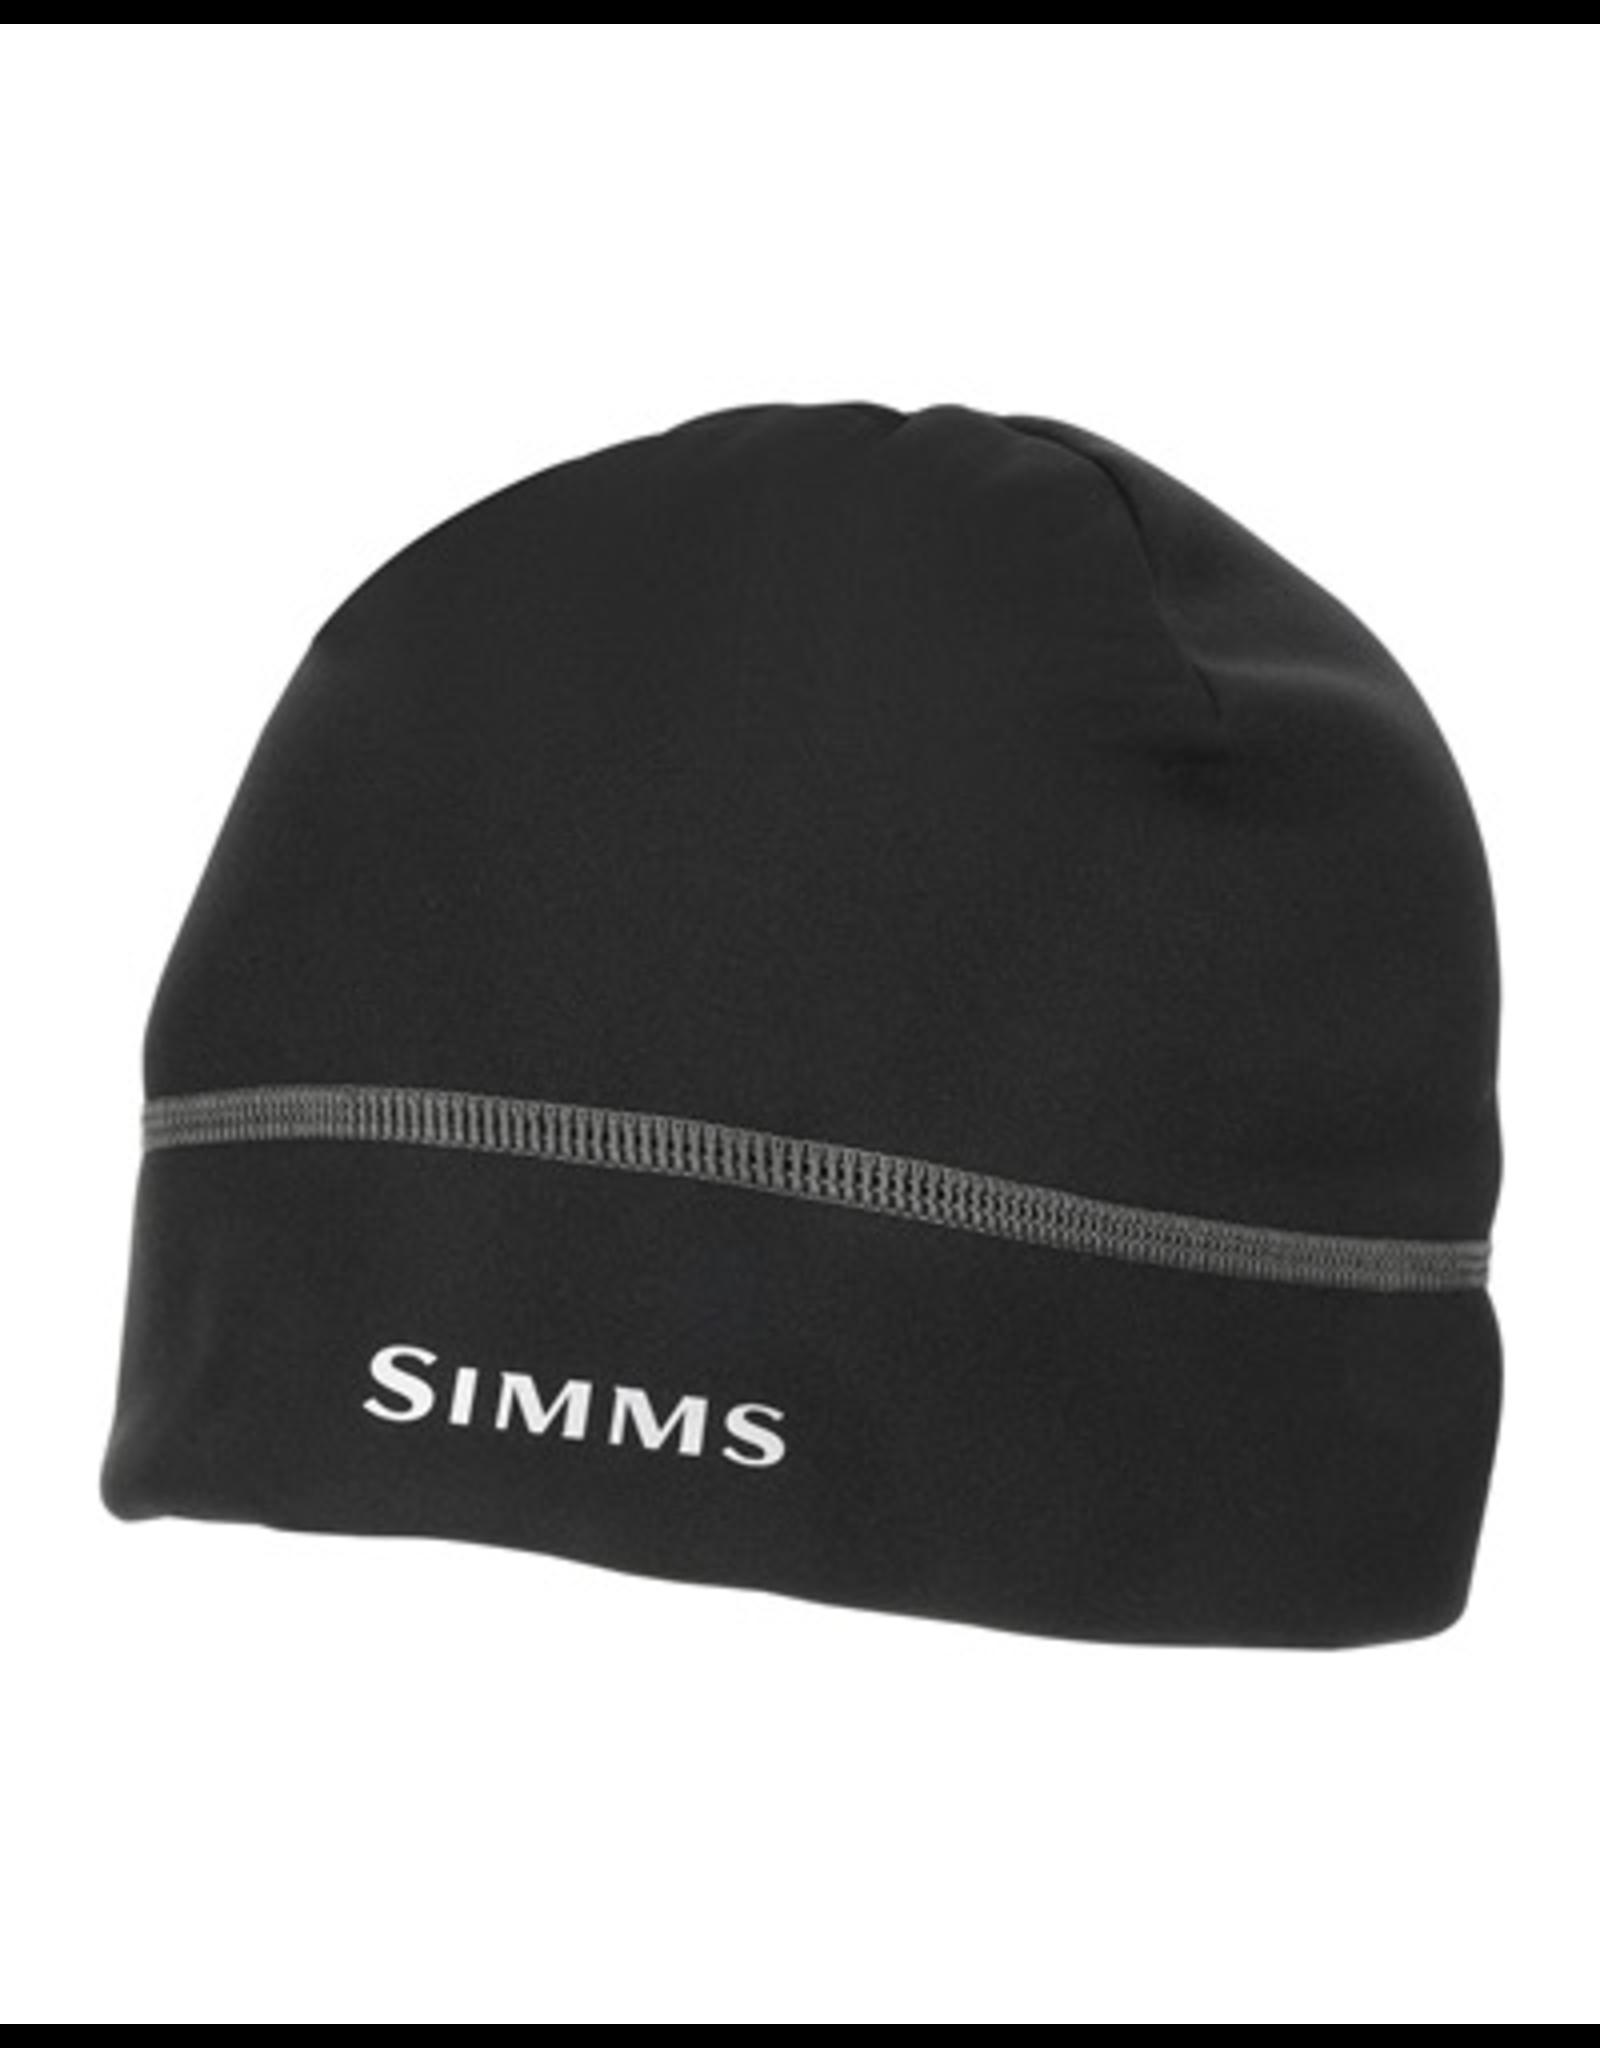 Simms SIMMS Gore Infinium Wind Beanie